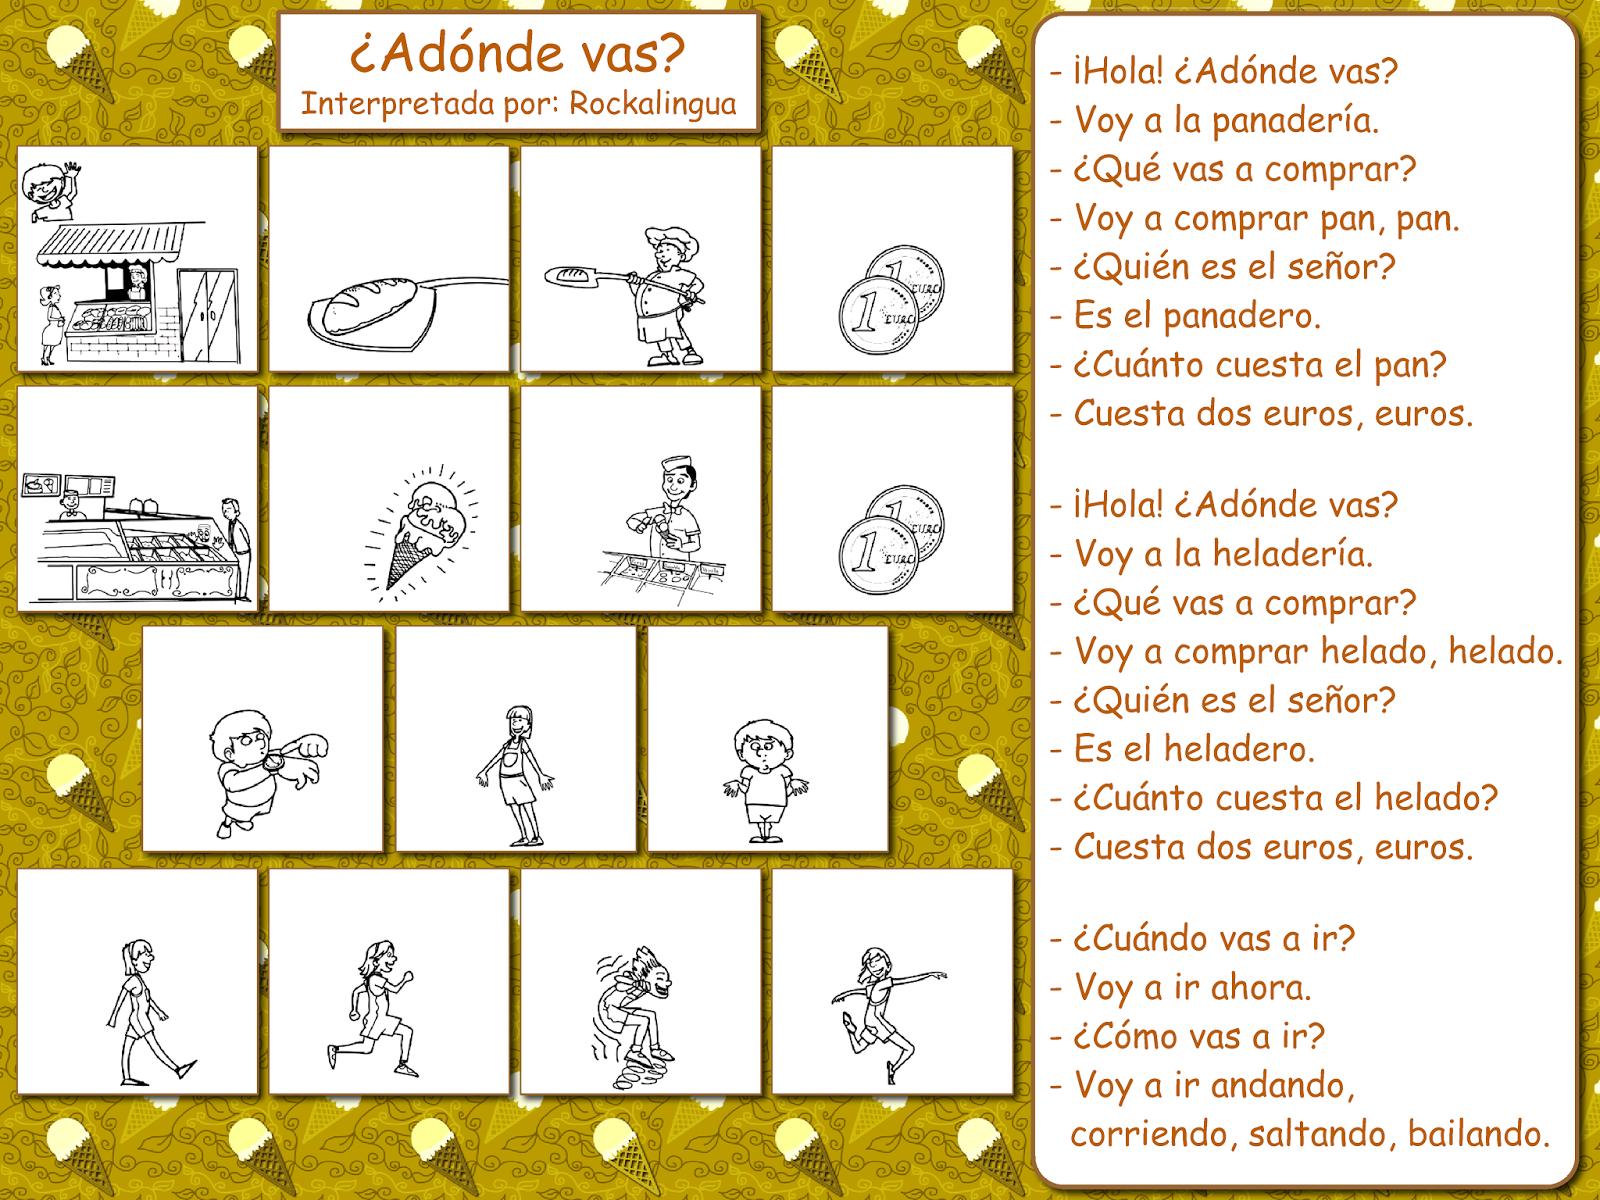 Me Encanta Escribir En Espanol Cancion Adonde Vas El